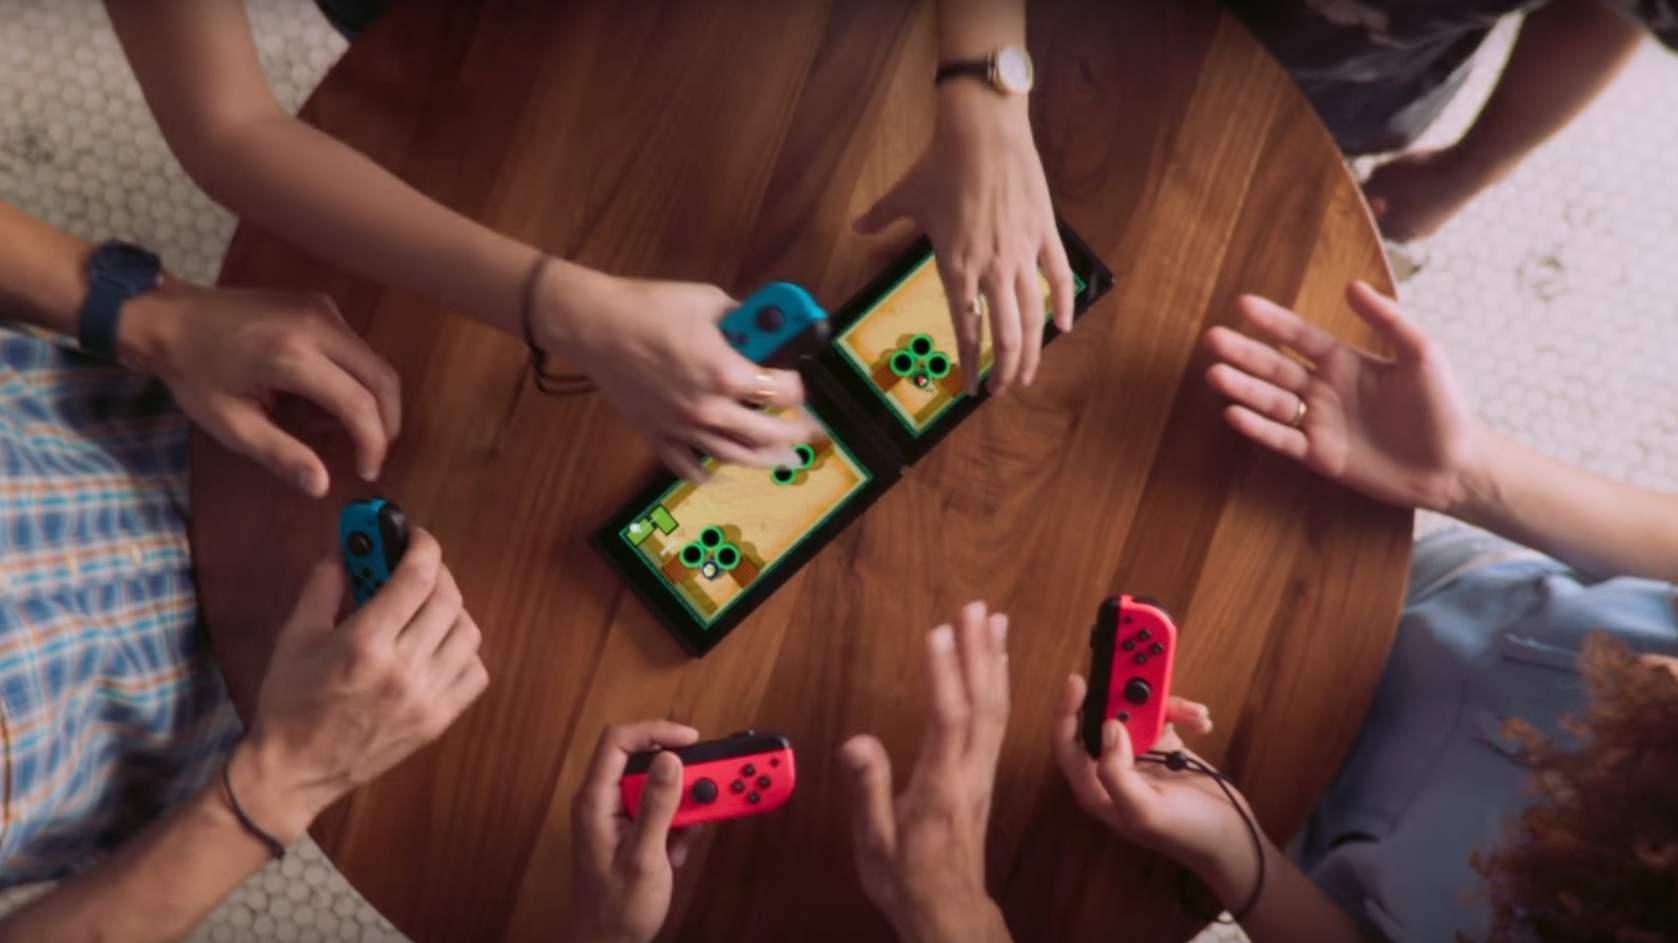 Mobila virtuella Dating spel